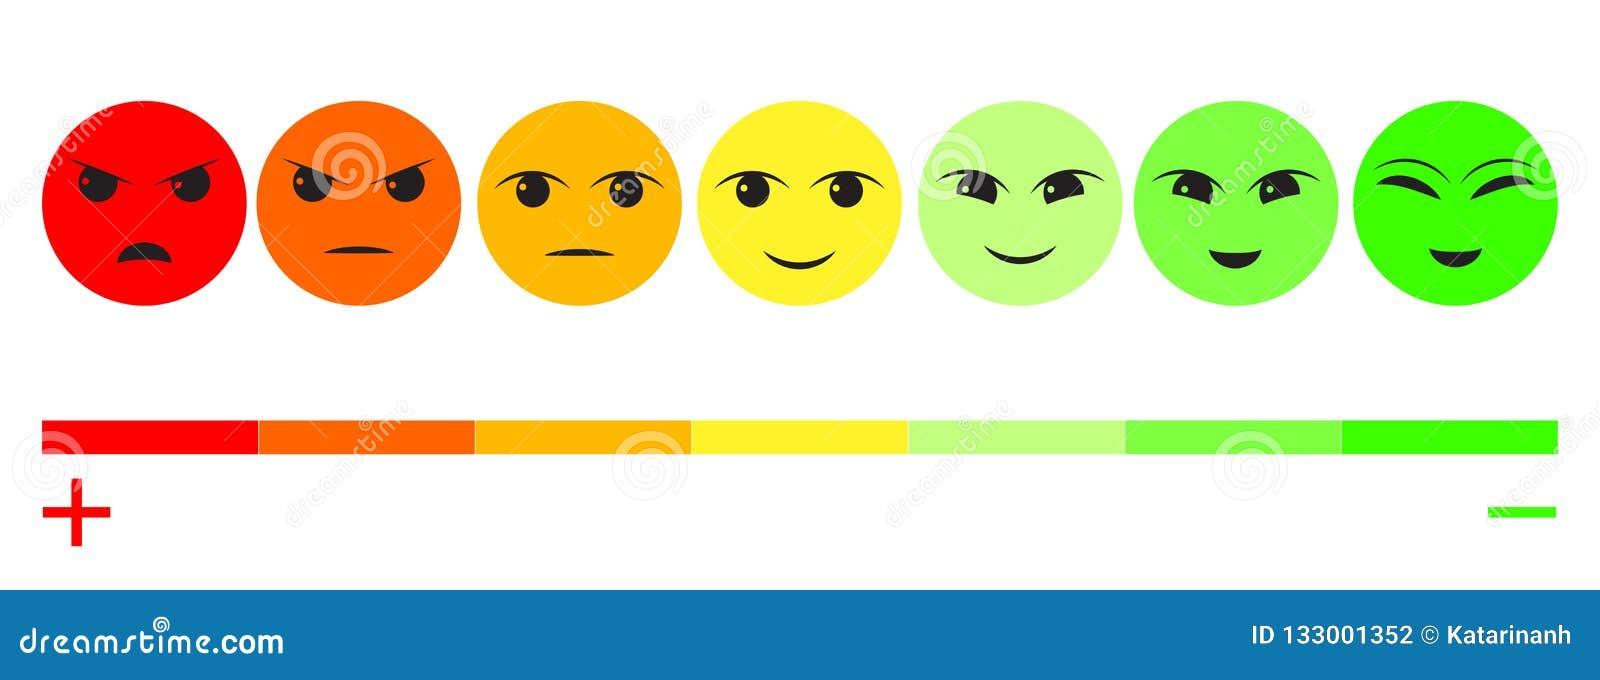 Farbe sieben stellt Feedback/Stimmung gegenüber Stellen Sie sieben gegenüberstellt Skala - neutrales trauriges des Lächelns - lok